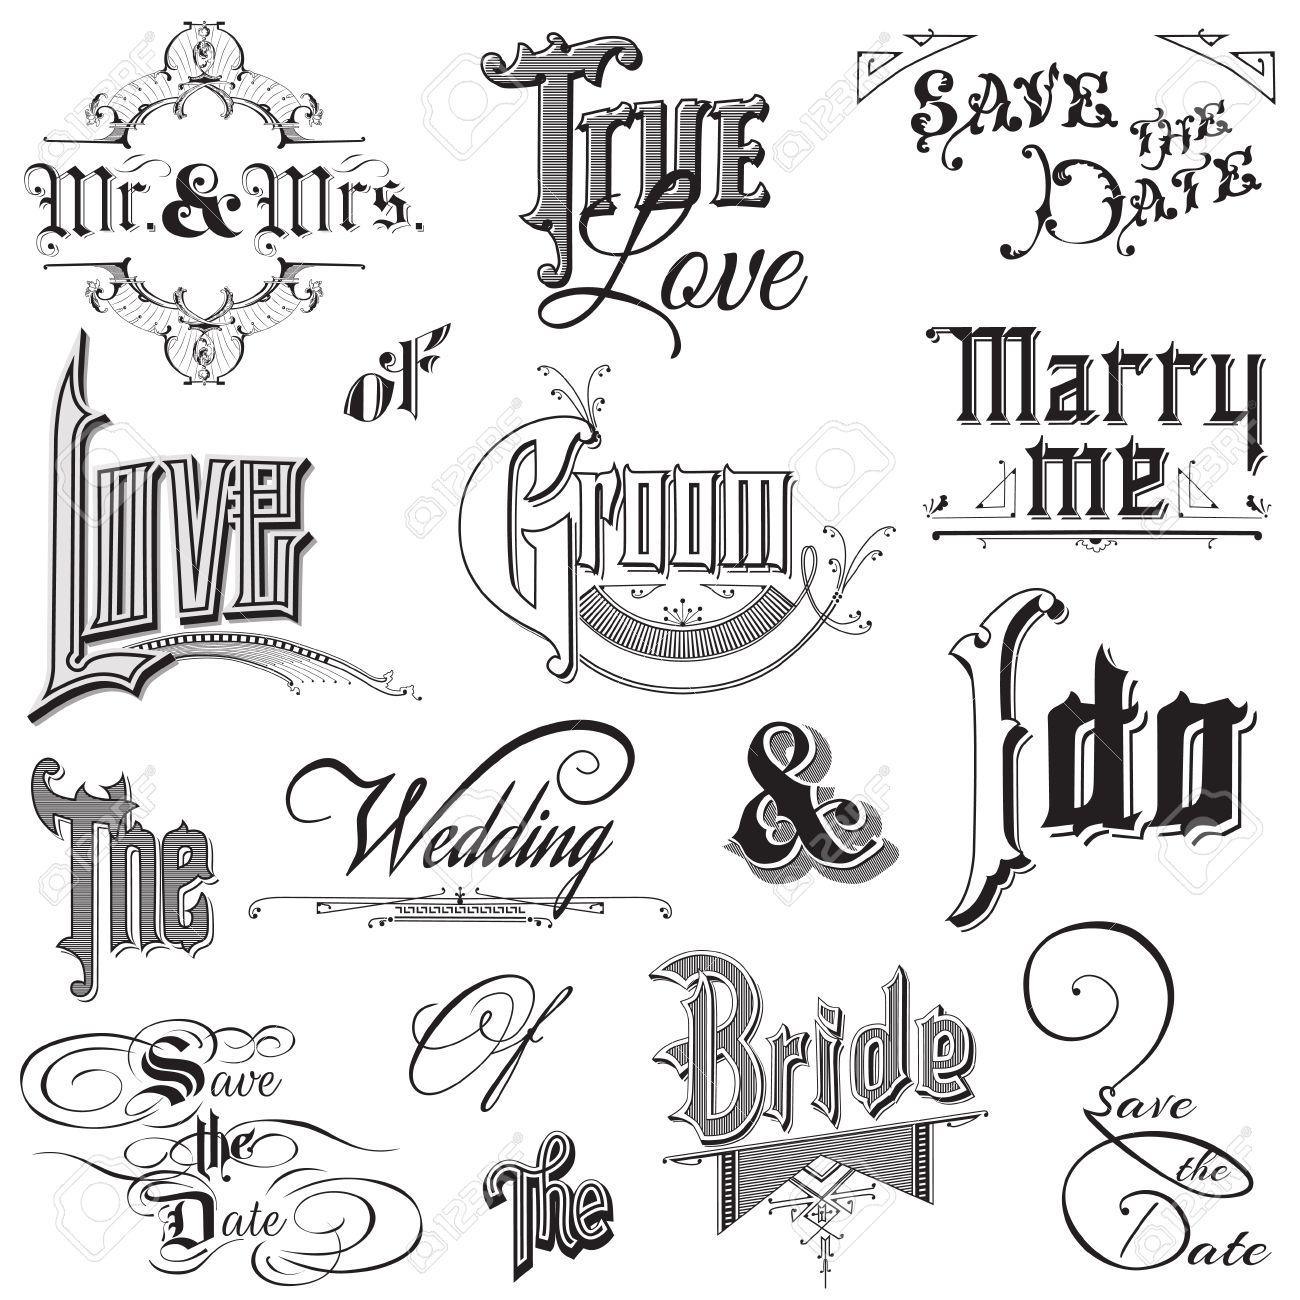 How to scrapbook words - Victorian Words Calligraphic Wedding Elements For Design And Scrapbook In Vector